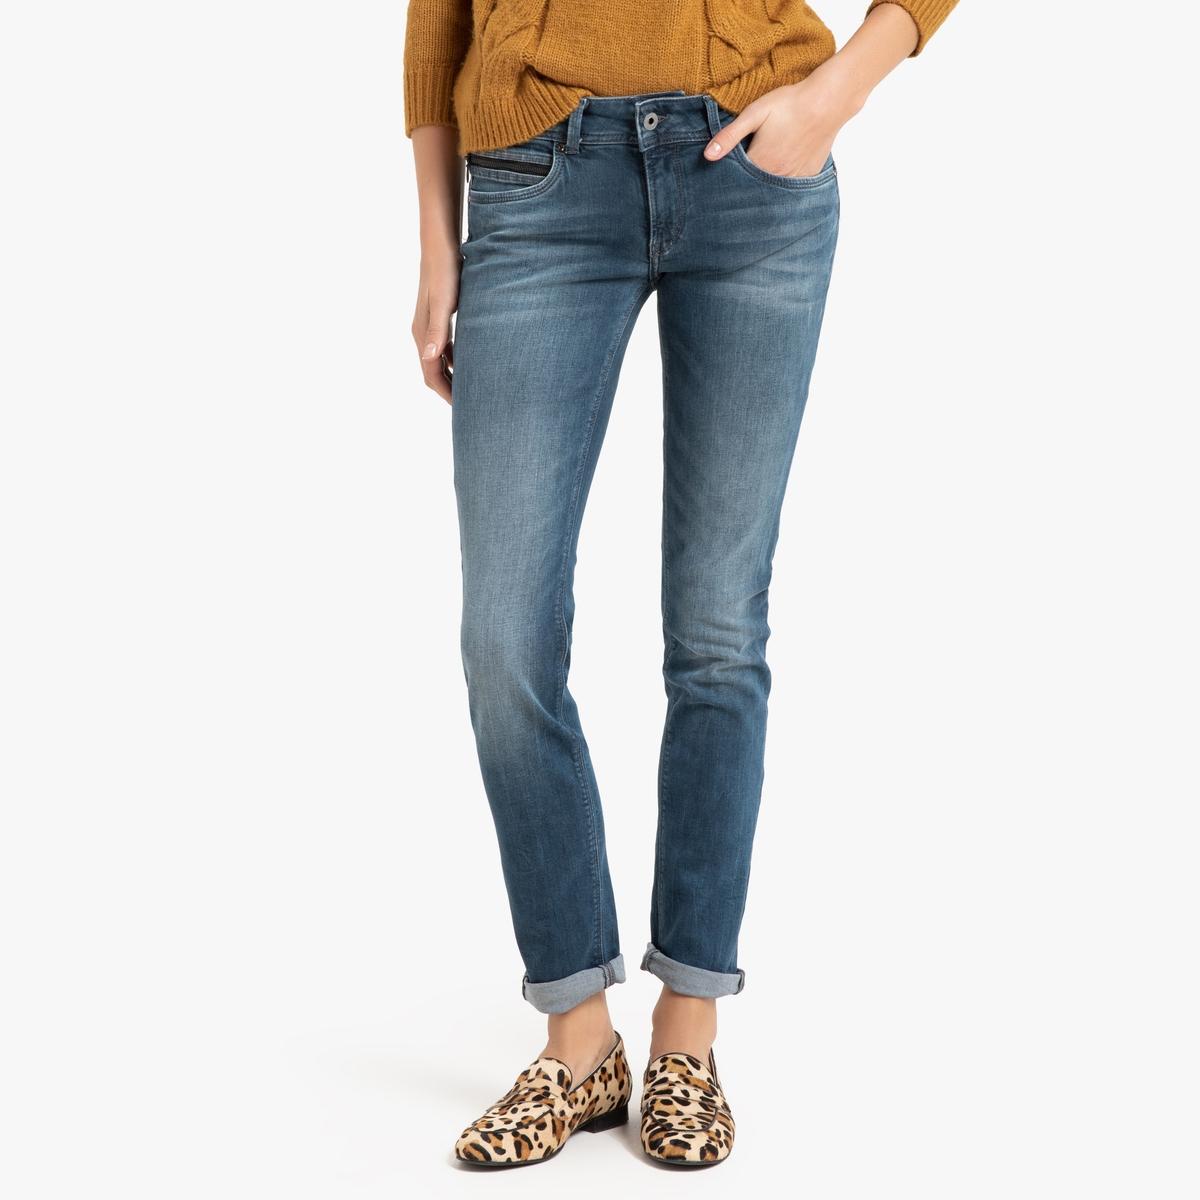 Джинсы La Redoute Узкие NEW BROOKE 29/32 другие джинсы женские oodji ultra цвет темно синий джинс 12103156 46787 7900w размер 29 32 48 32